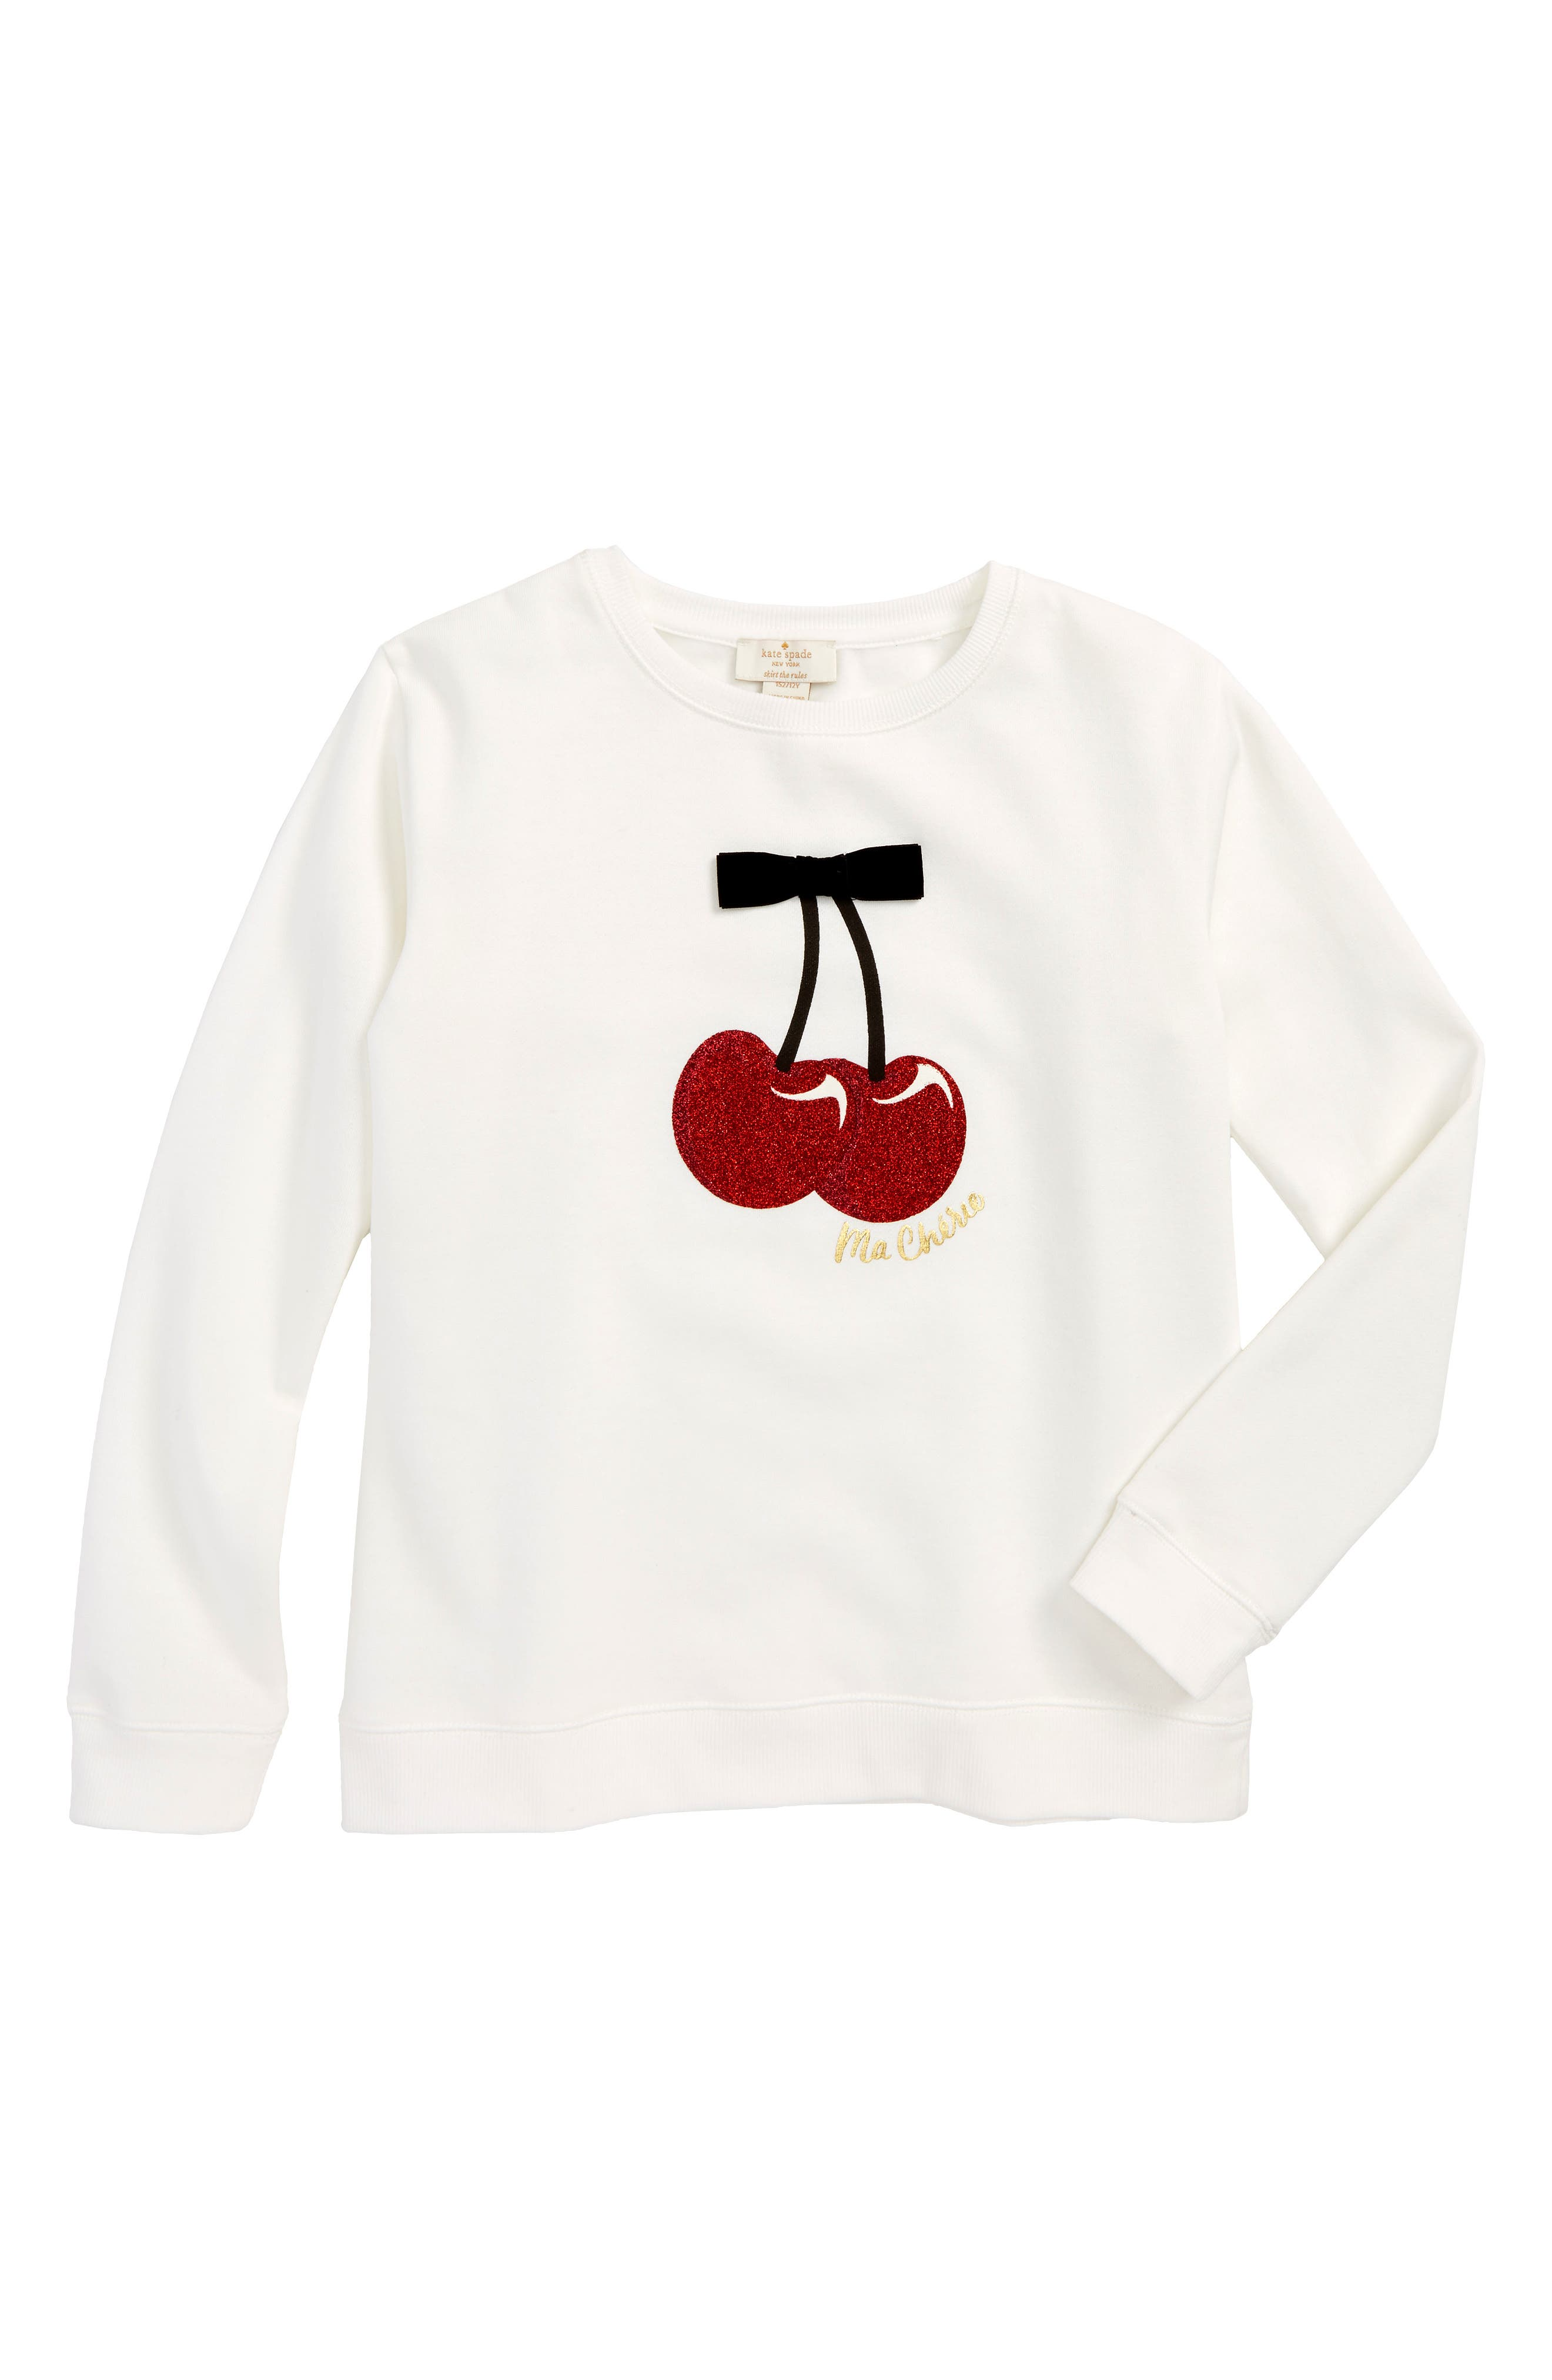 Main Image - kate spade new york cherries sweatshirt (Big Girls)